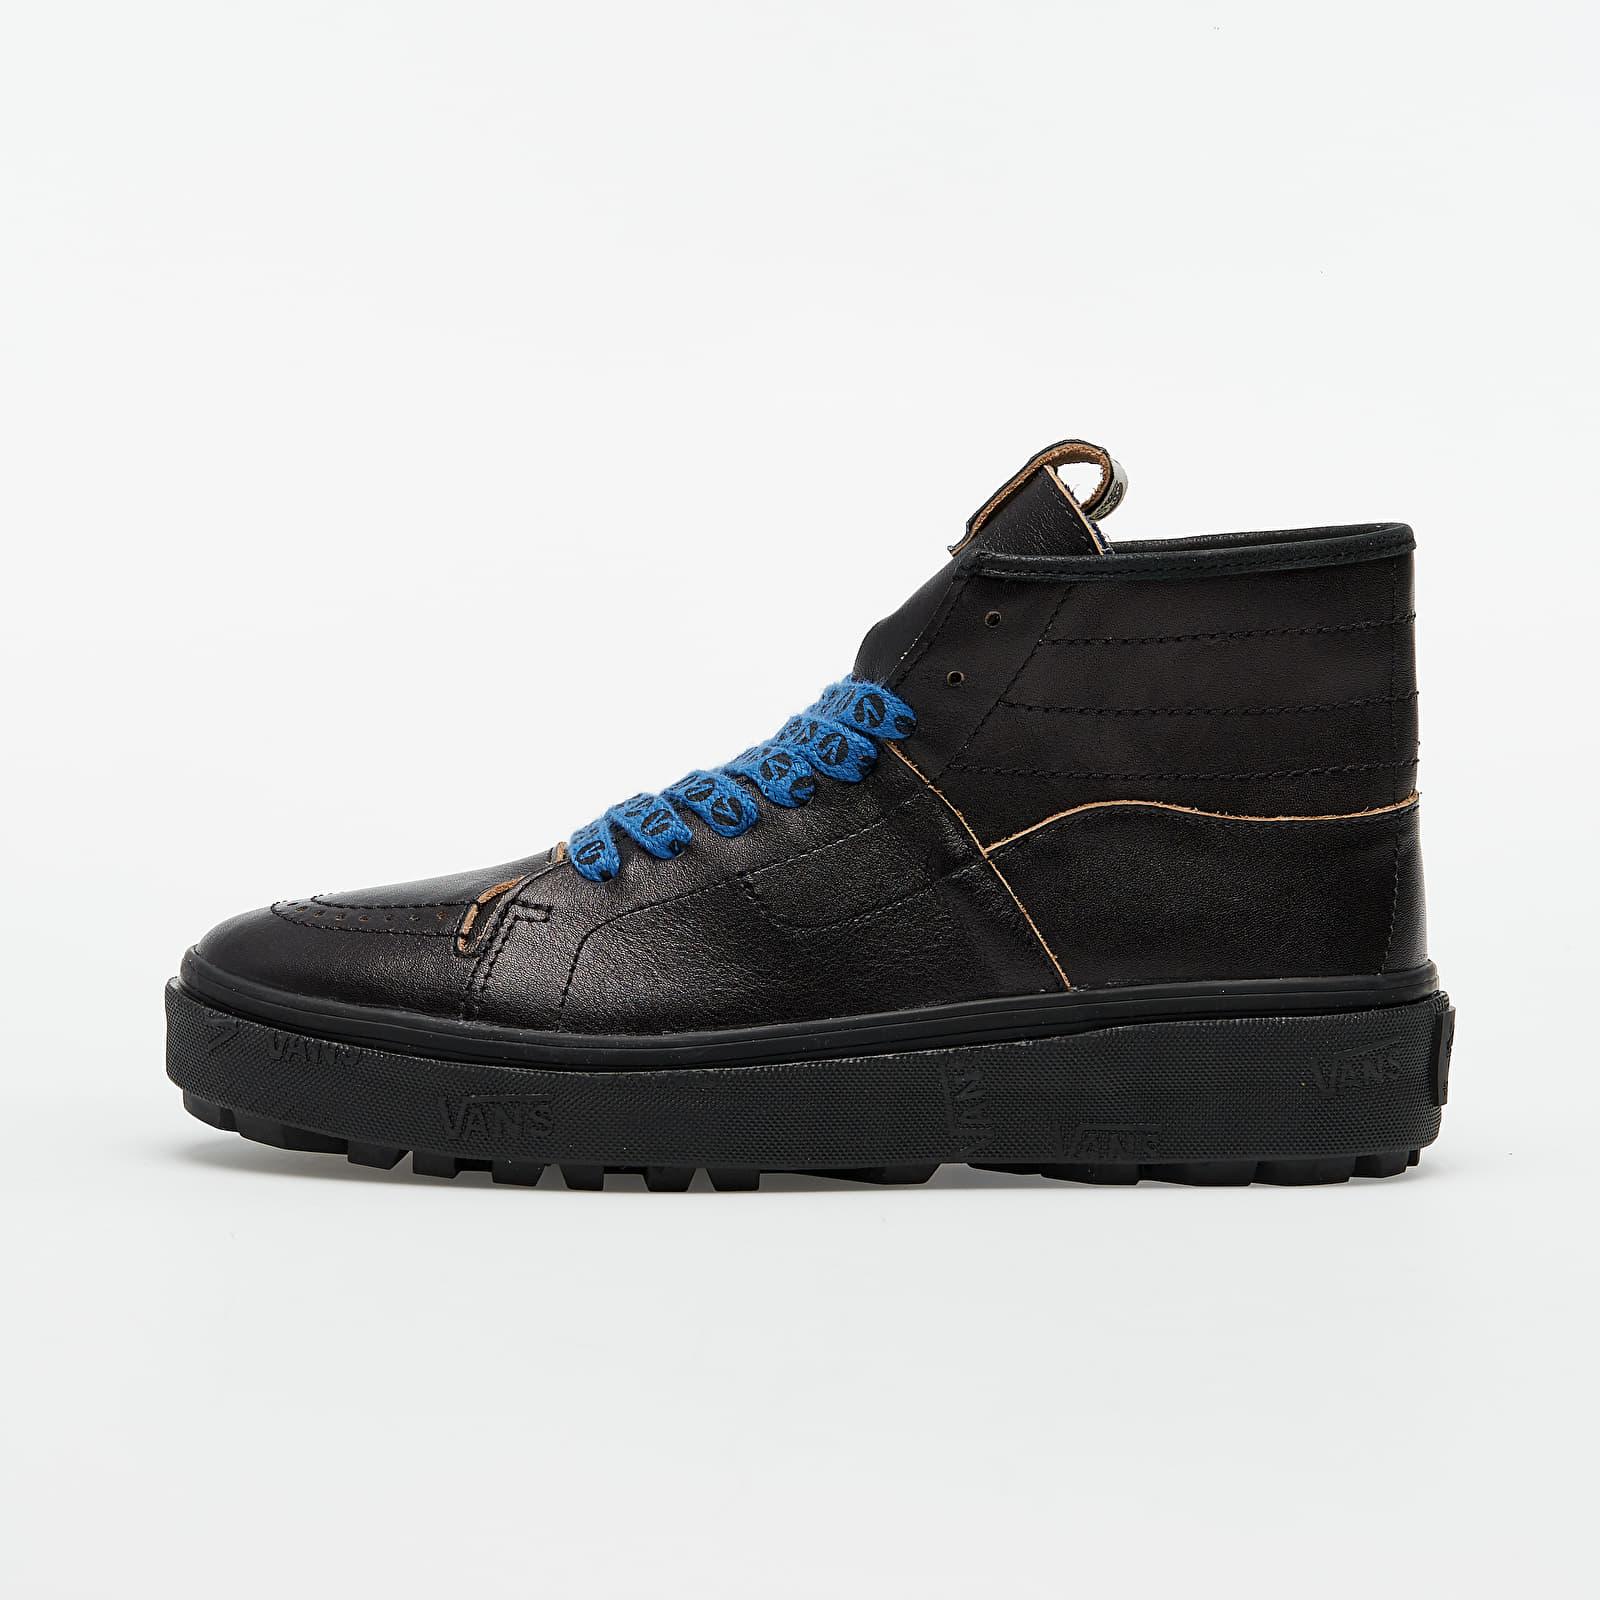 Vans Vans x Taka Hayashi Sk8-Boot LX (Leather) Black EUR 35